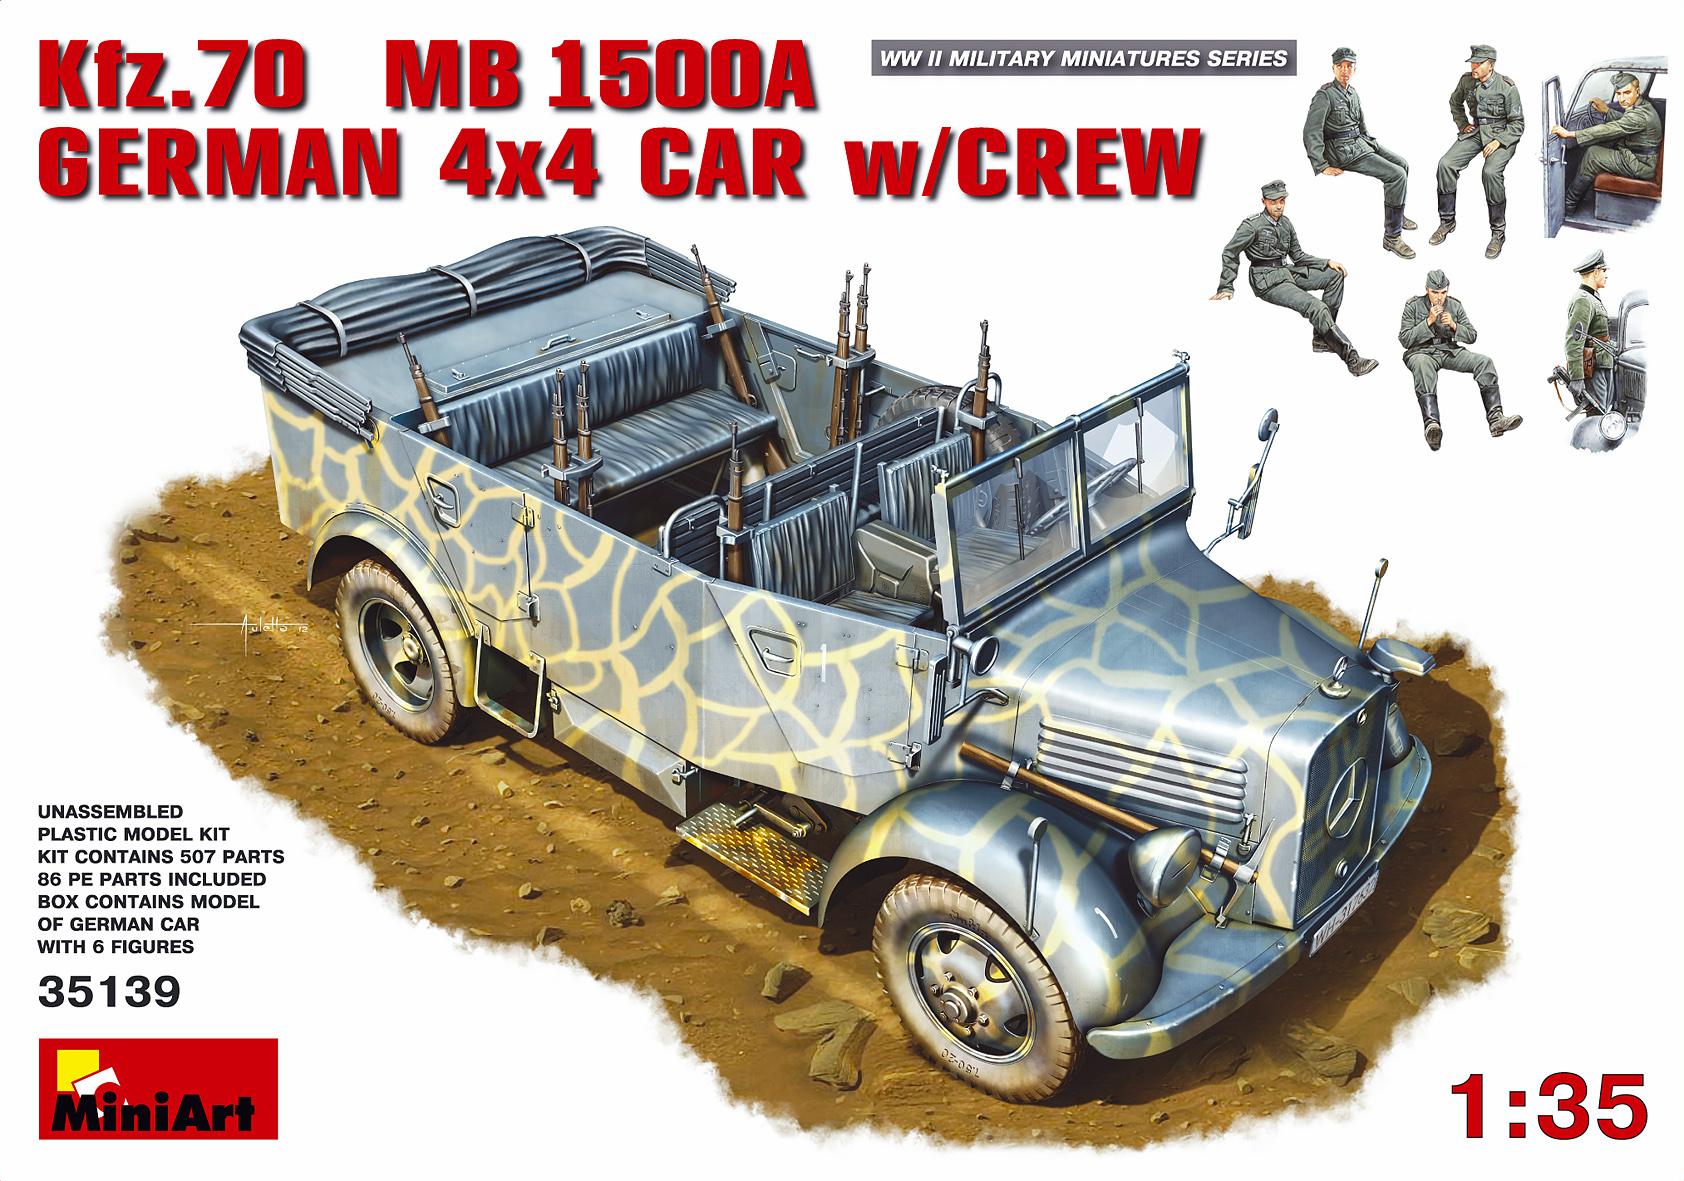 1/35 Kfz.70 (MB 1500A) German 4x4 Car w/Crew